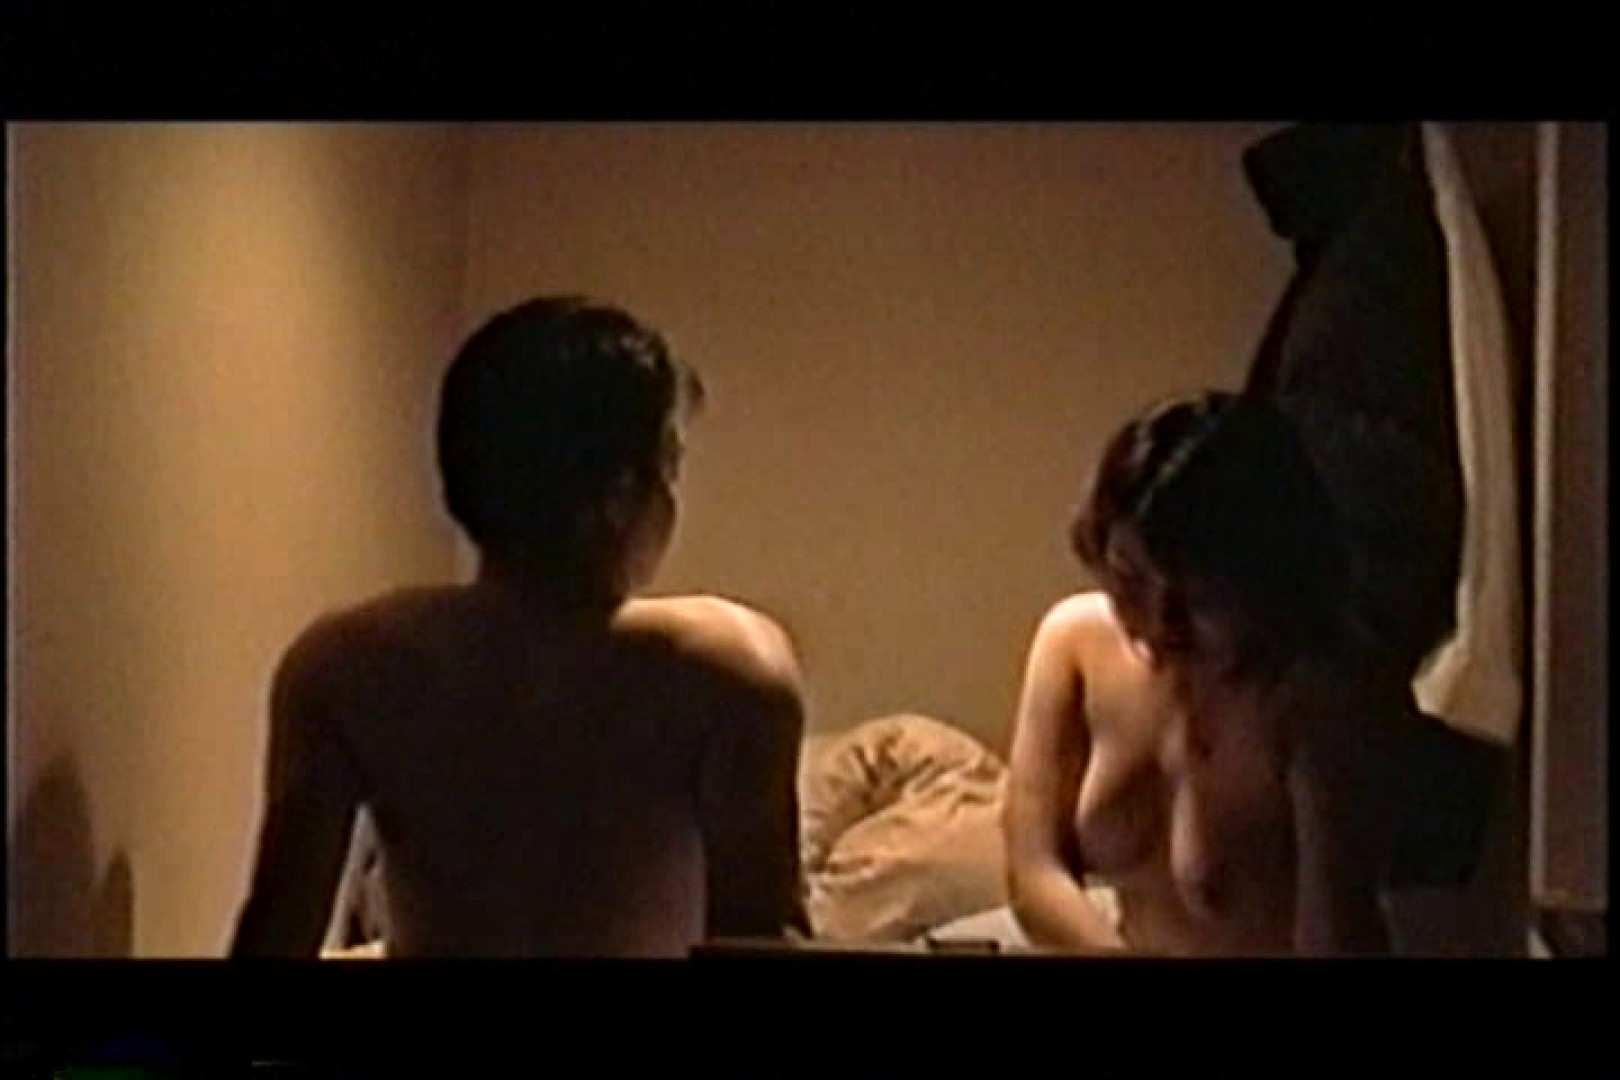 デリ嬢マル秘撮り本物投稿版② ギャル達のオマンコ | ギャルの乳首  55画像 2